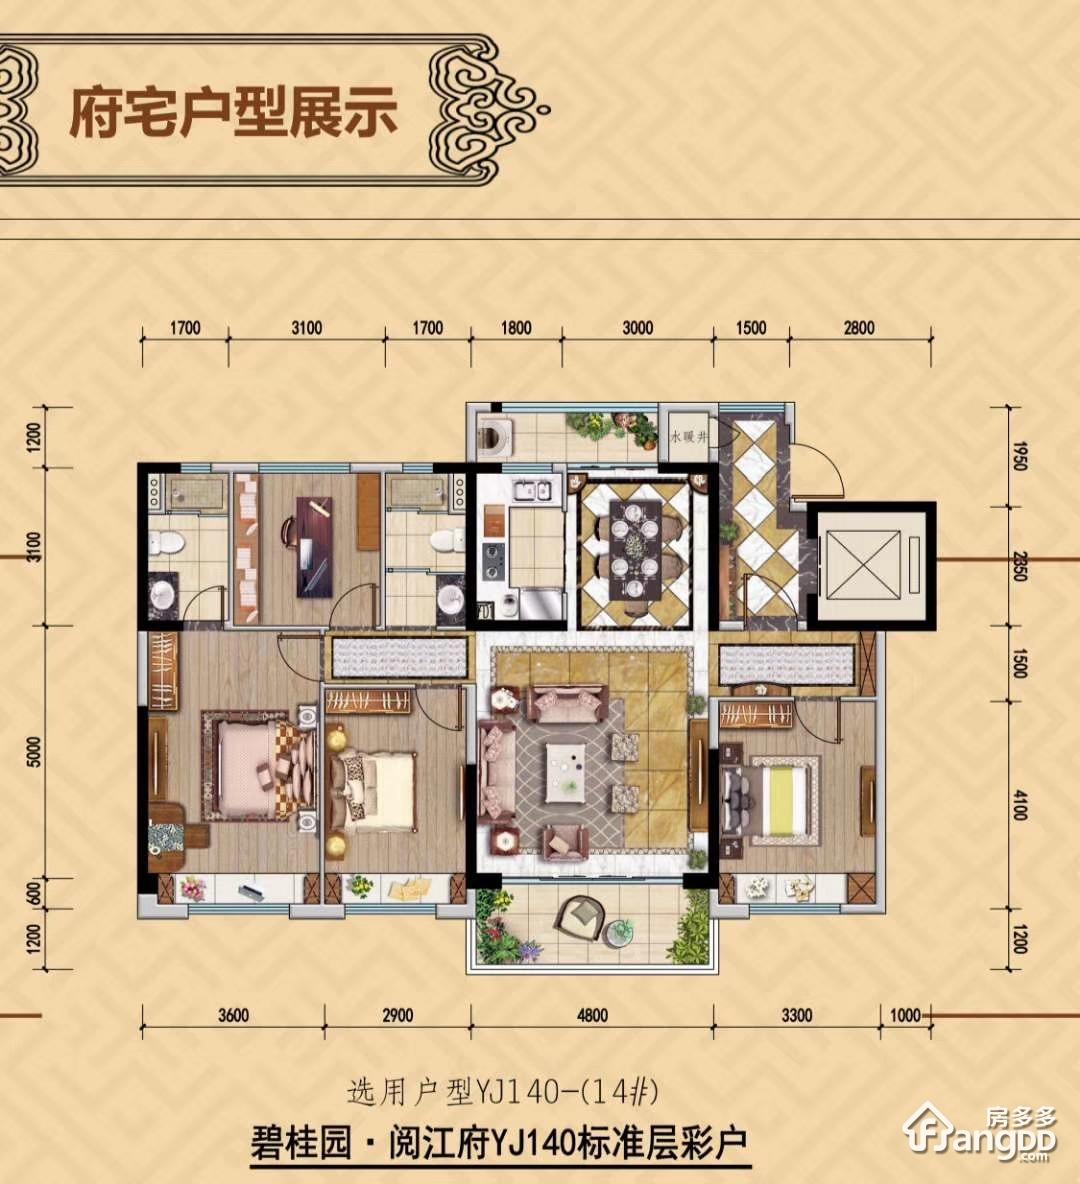 西安碧桂园阅江府4室2厅2卫户型图